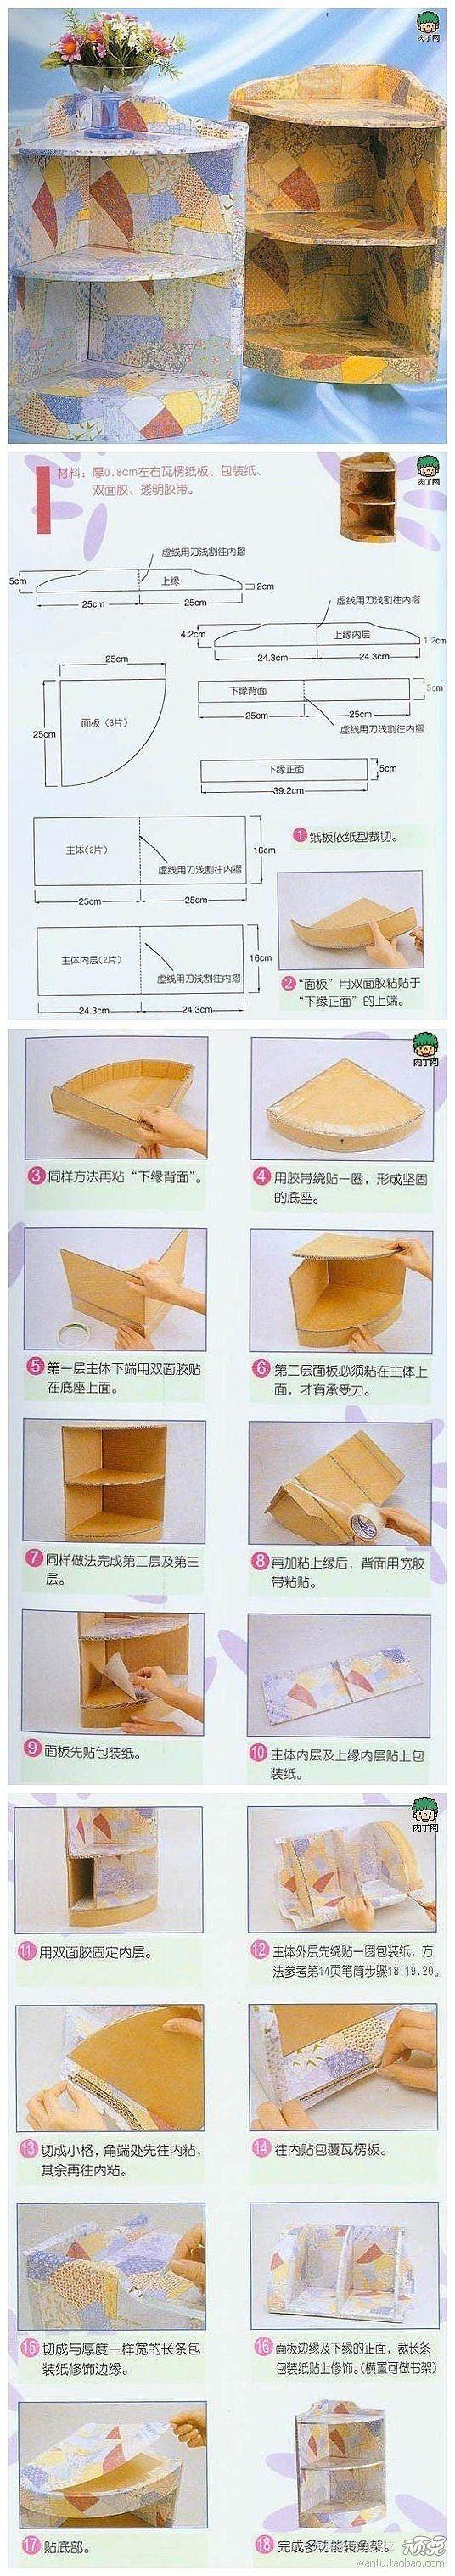 Carton coiffeuse